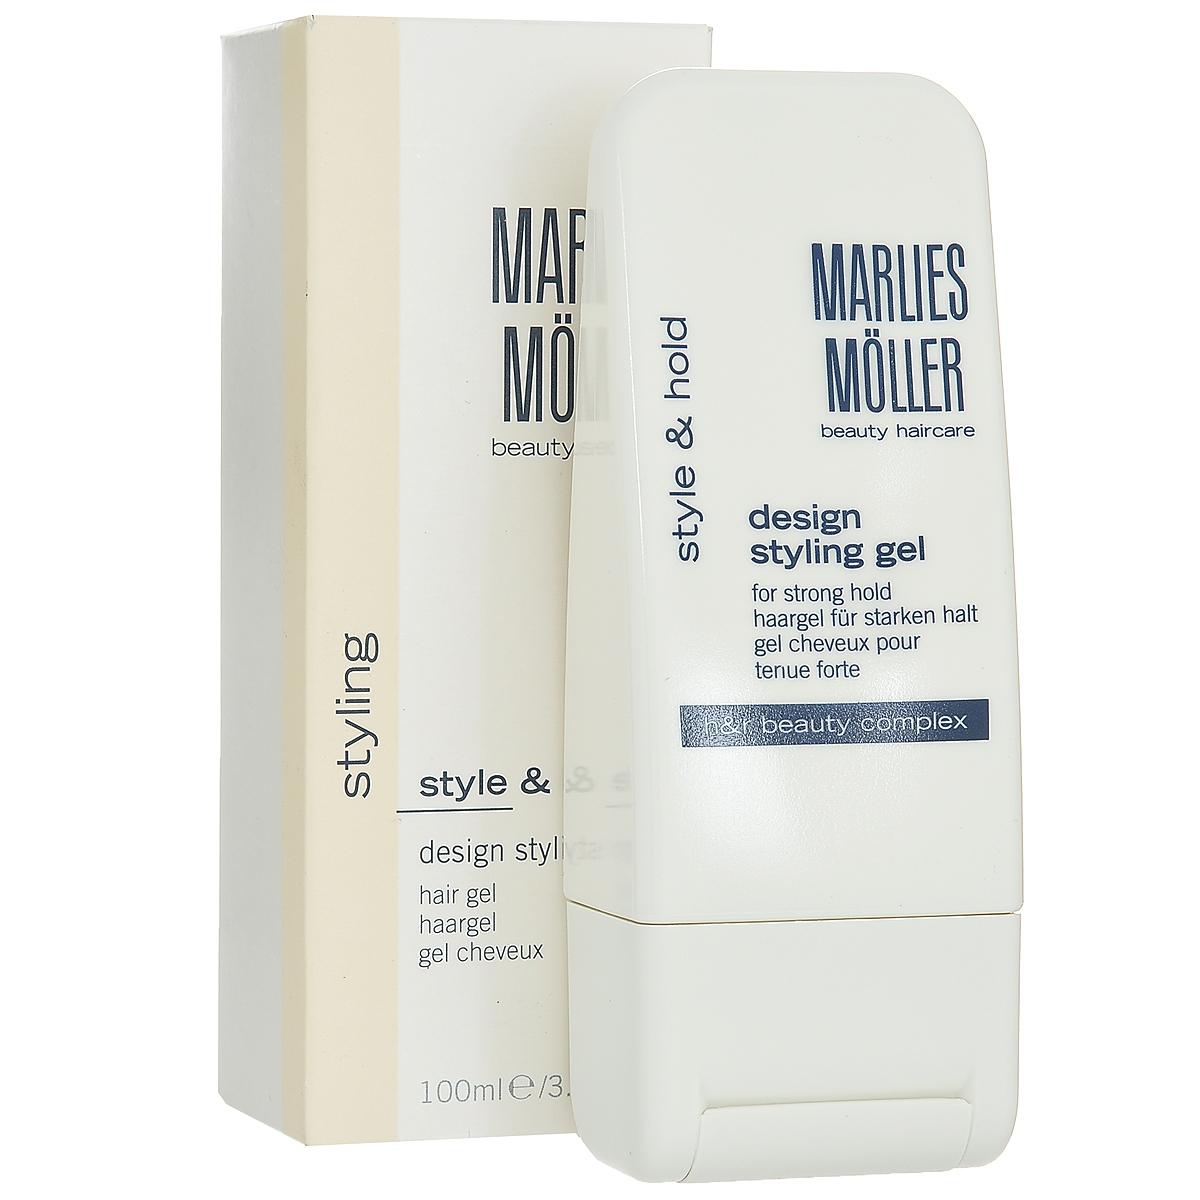 Marlies Moller Гель Styling, для креативной укладки волос, 100 млWF-81372248Фиксирует прическу, не склеивая волосы. Очень сильная укладка для любых волос. Рекомендуется для любого типа укладки (укладка феном, укладка руками, укладка на бигуди, подчеркивание прядей, создание эффекта мокрых волос). Можно наносить на влажные и на сухие волосы. Создает эффект мокрых волос, если наносить на влажные волосы. Если на сухие - эффект гладких волос. Увлажняет волосы и препятствует потере влаги. Придает волосам блеск. Легко удаляется с волос. УФ-защита. Не содержит алкоголь и смолы. Идеален для защиты волос от солнца и соленой воды на пляже.Возьмите небольшое количество средства. В зависимости от желаемого эффекта нанесите на сухие или подсушенные полотенцем волосы, уложите как обычно.